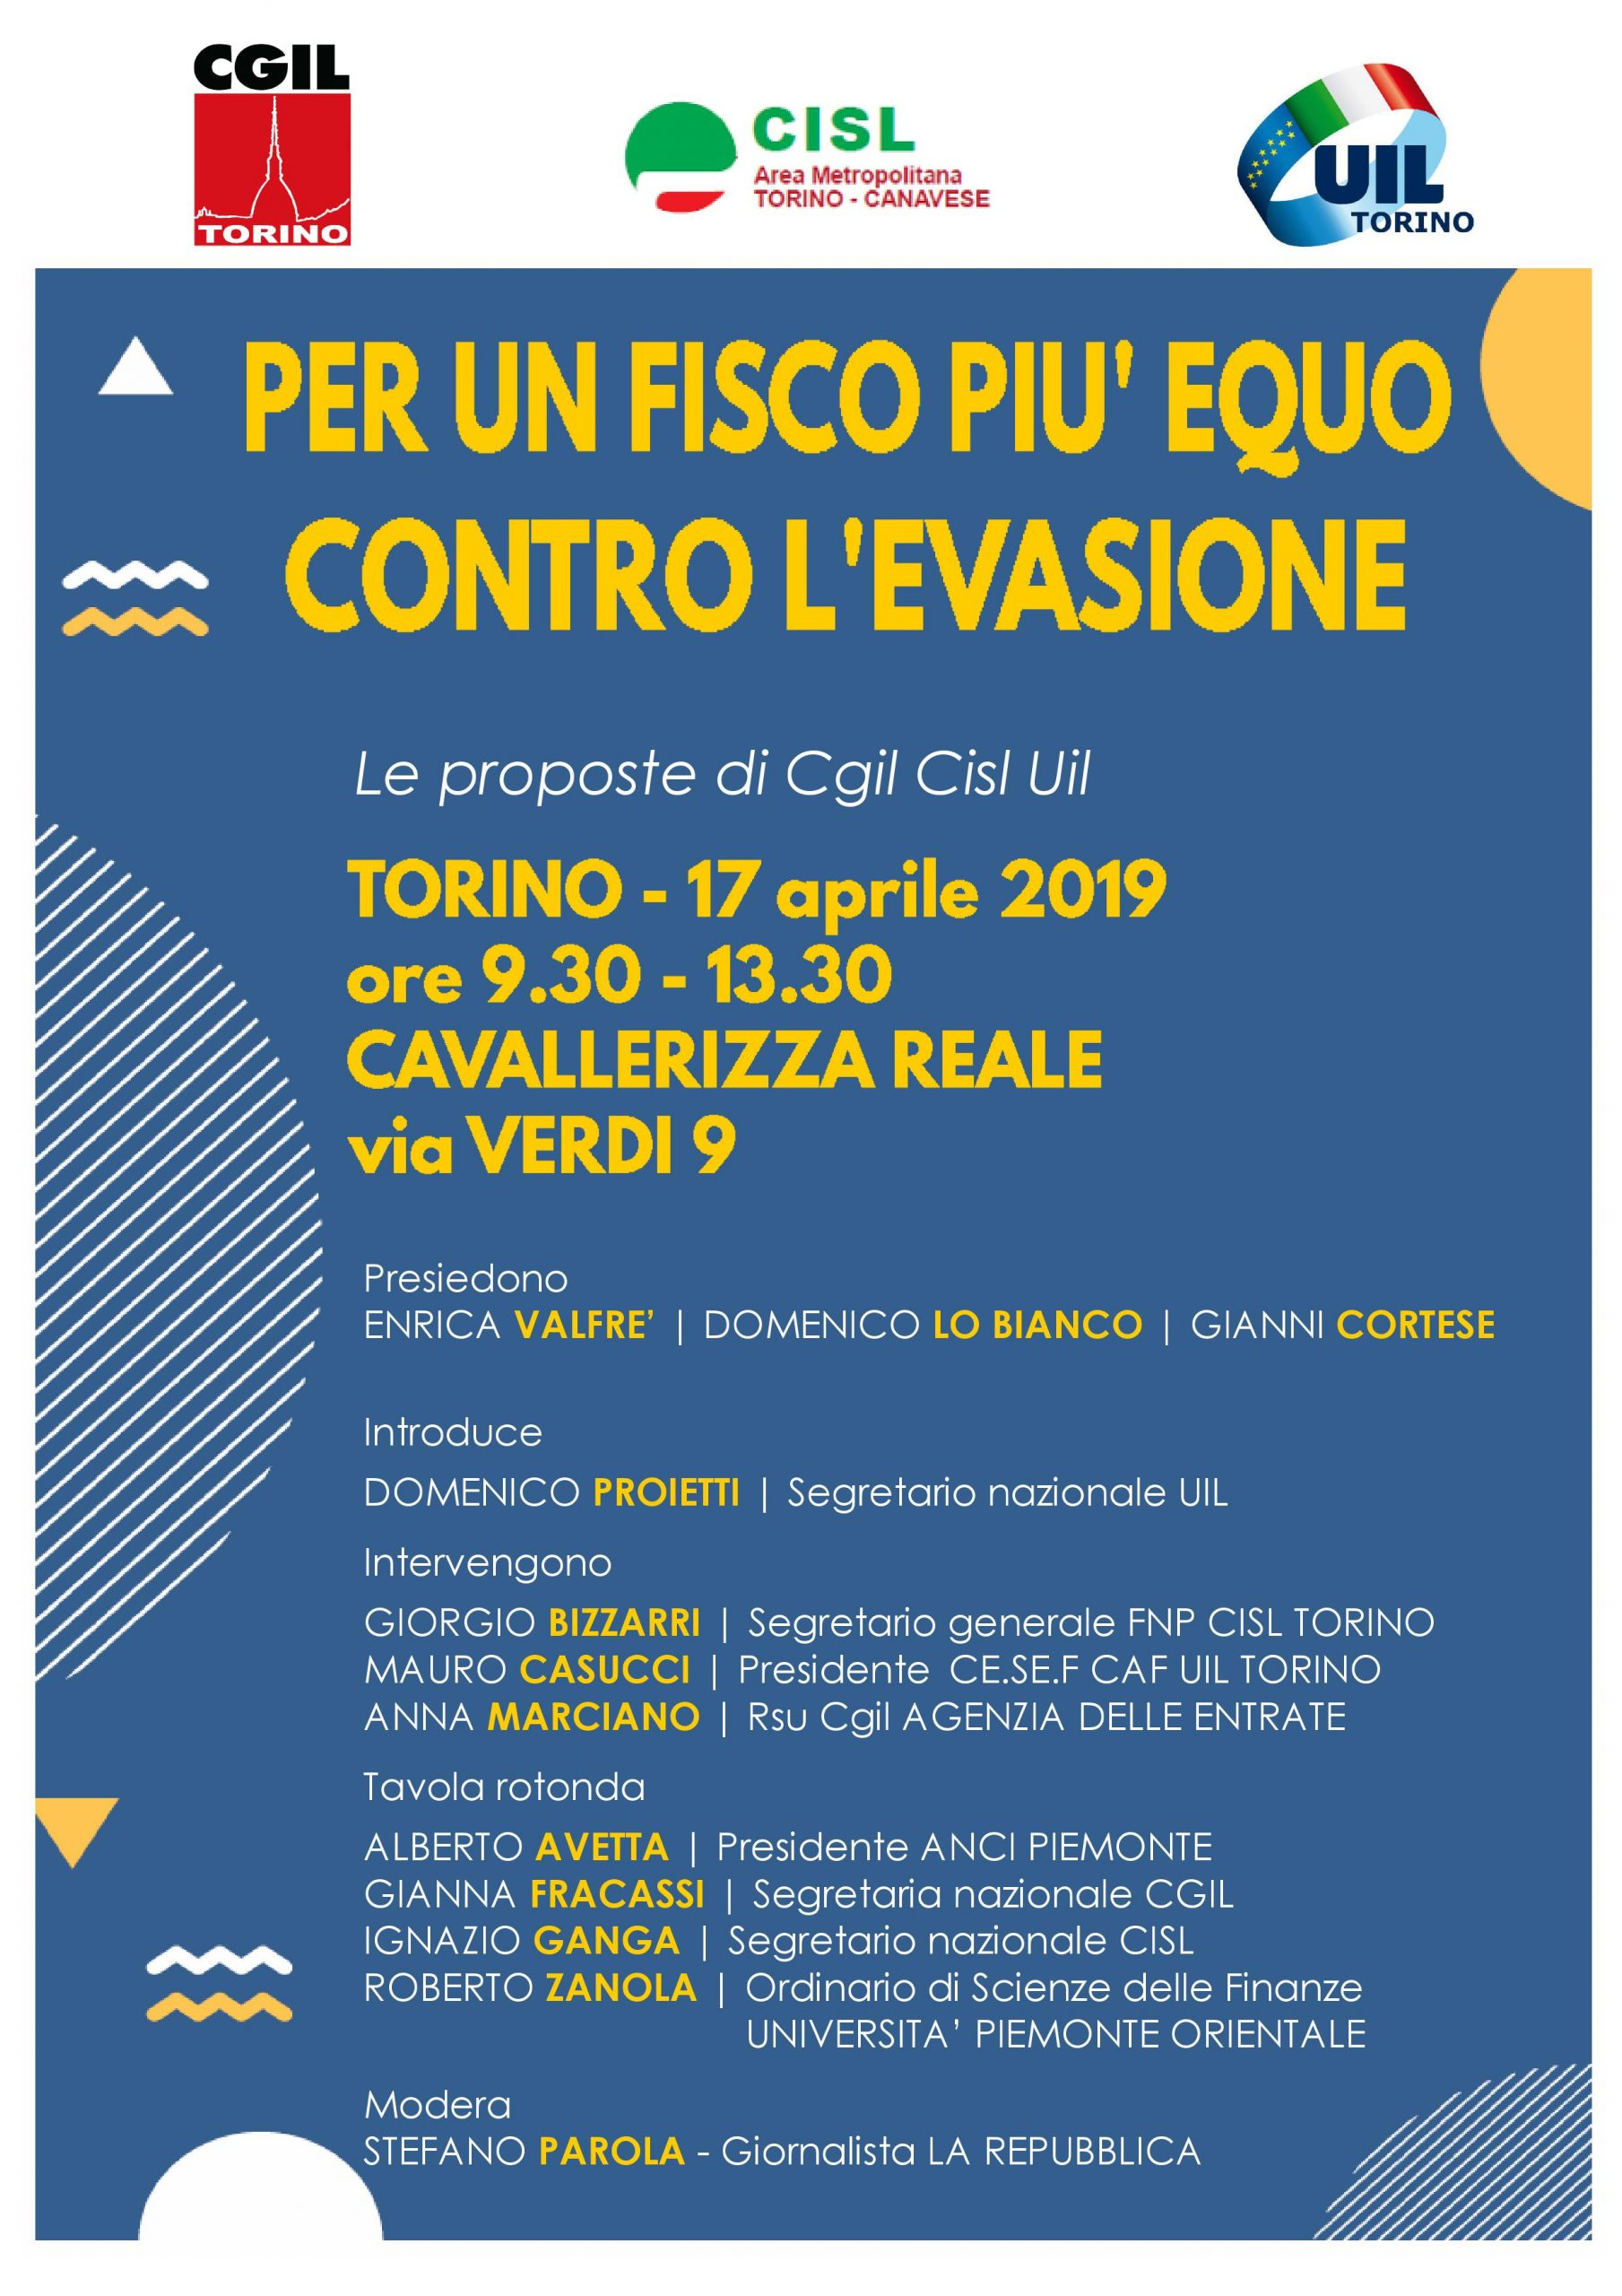 Convegno Fisco Torino